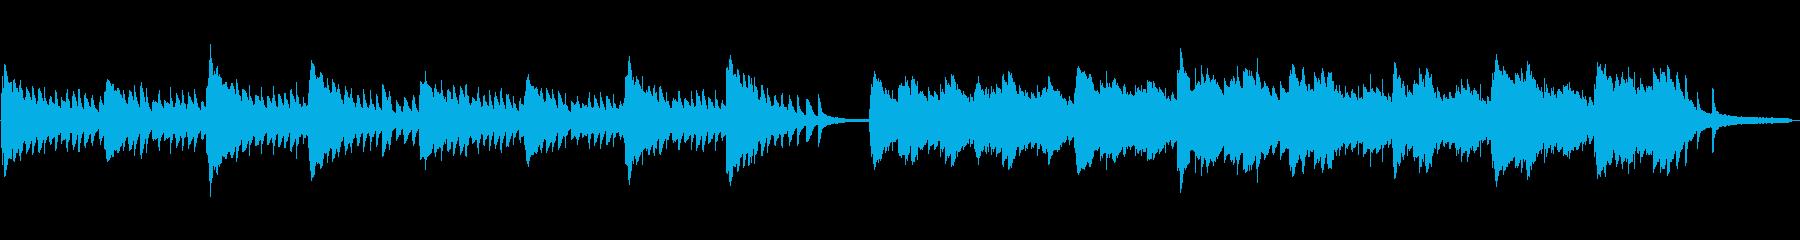 企業VP・CM用60秒の切ないピアノソロの再生済みの波形